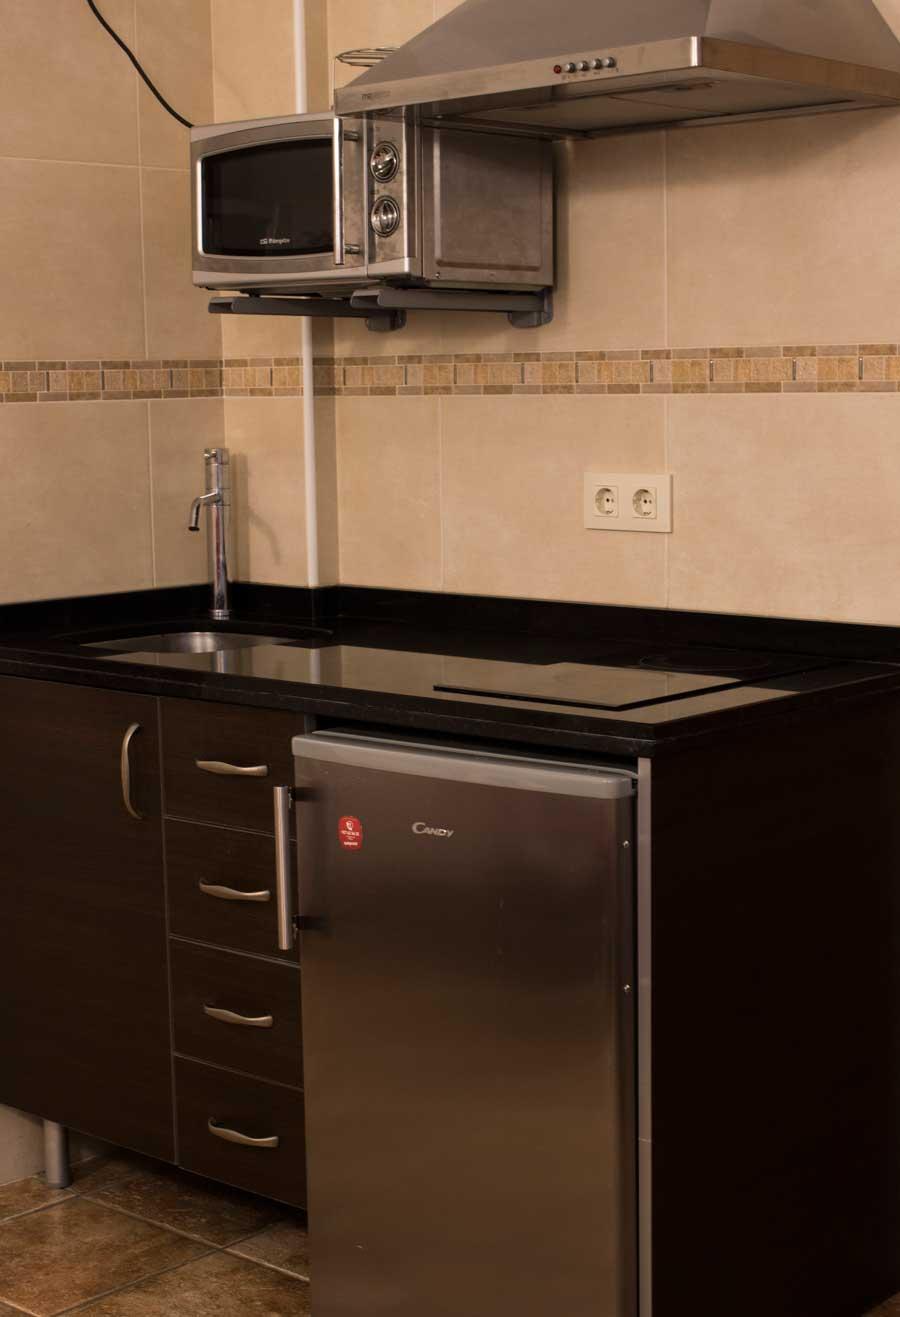 La cocina cuenta con vitrocerámica, frigorífico, microondas, tostador, cafetera y el menaje necesario